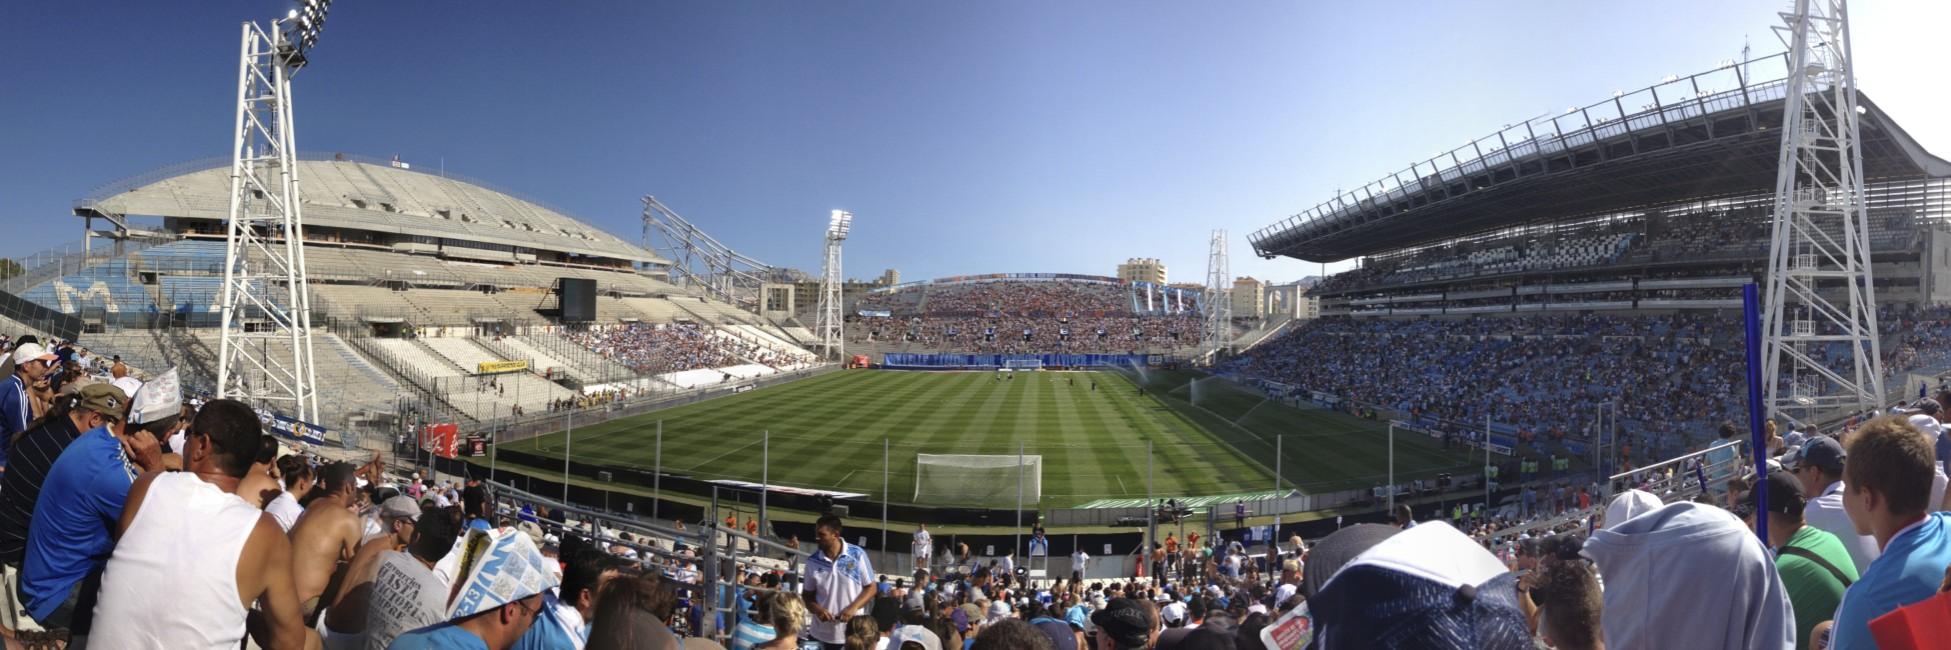 [Stade Vélodrome] Le nouveau chœur de Marseille - Page 6 21490